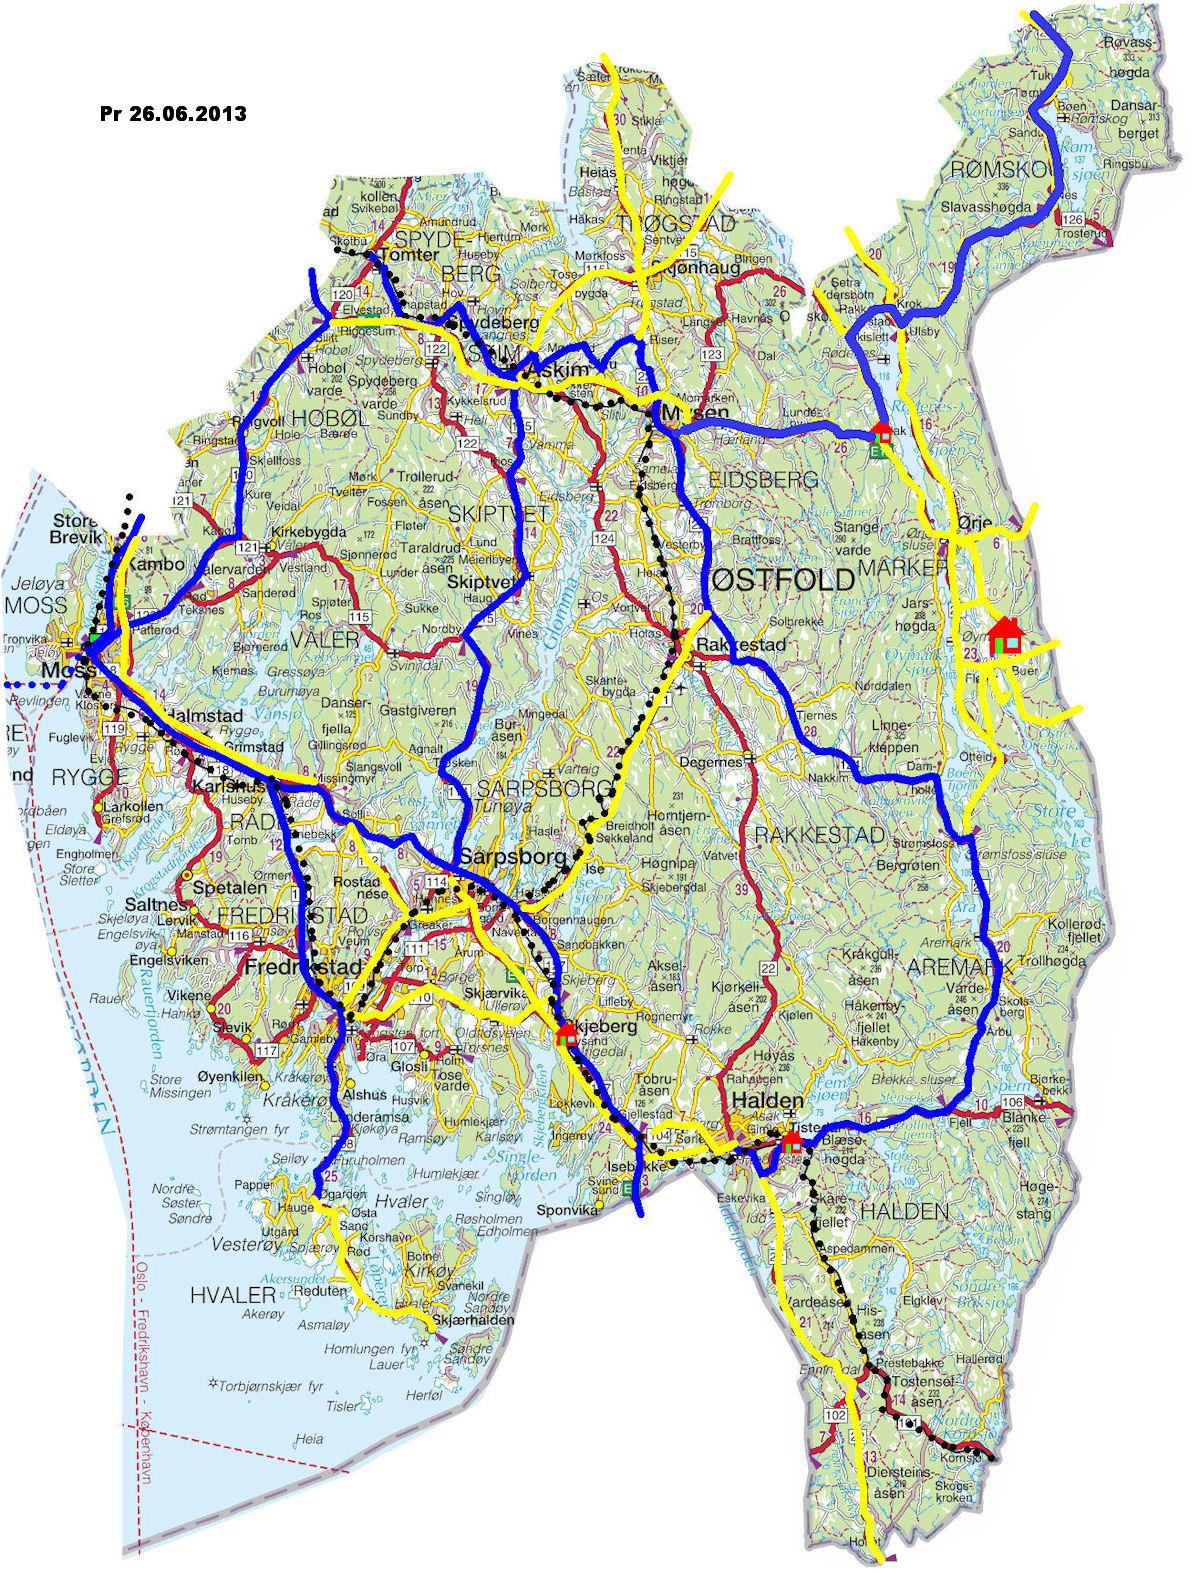 oslo fylke kart Torstein Reiersen: Fylker/Sykkelturer oslo fylke kart